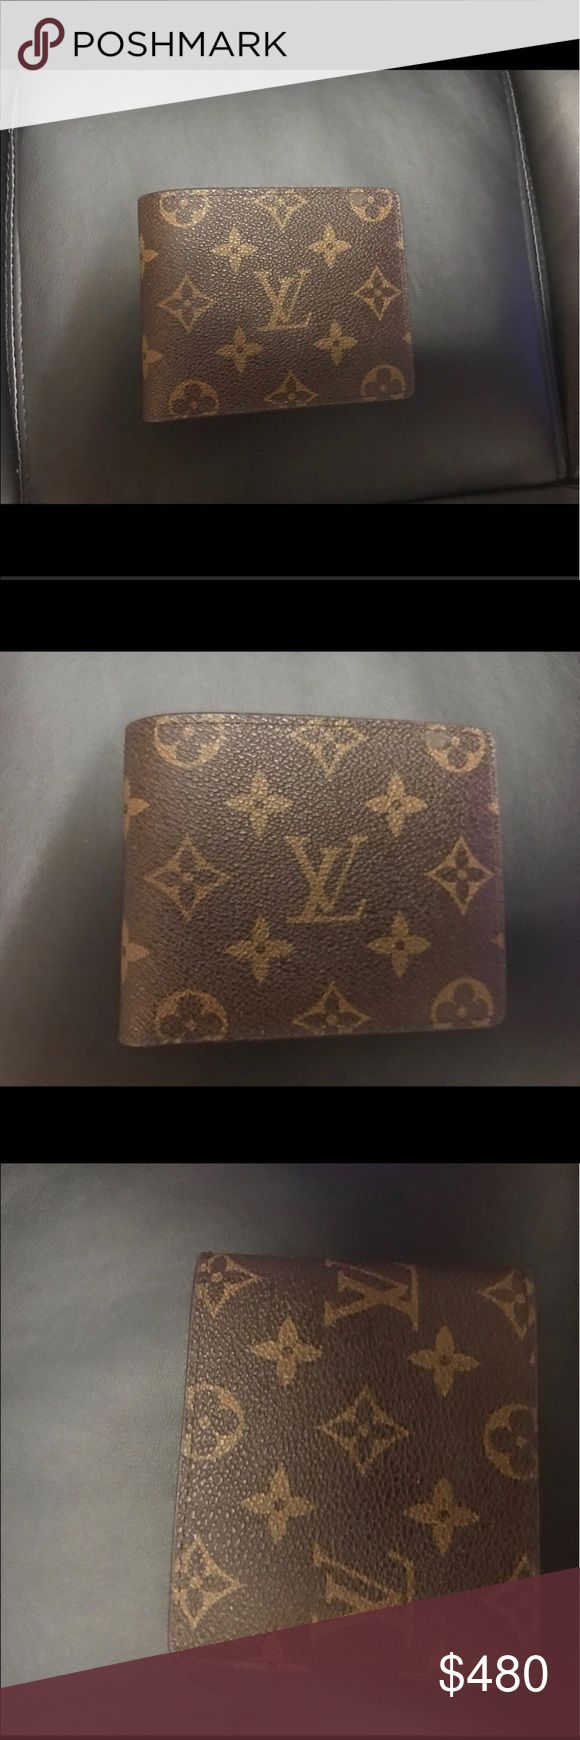 Louis Vuitton Monogram Canvas Louis Vuitton Monogram Canvas (Men) (excellent condition) (minor flaw) Louis Vuitton Bags Wallets